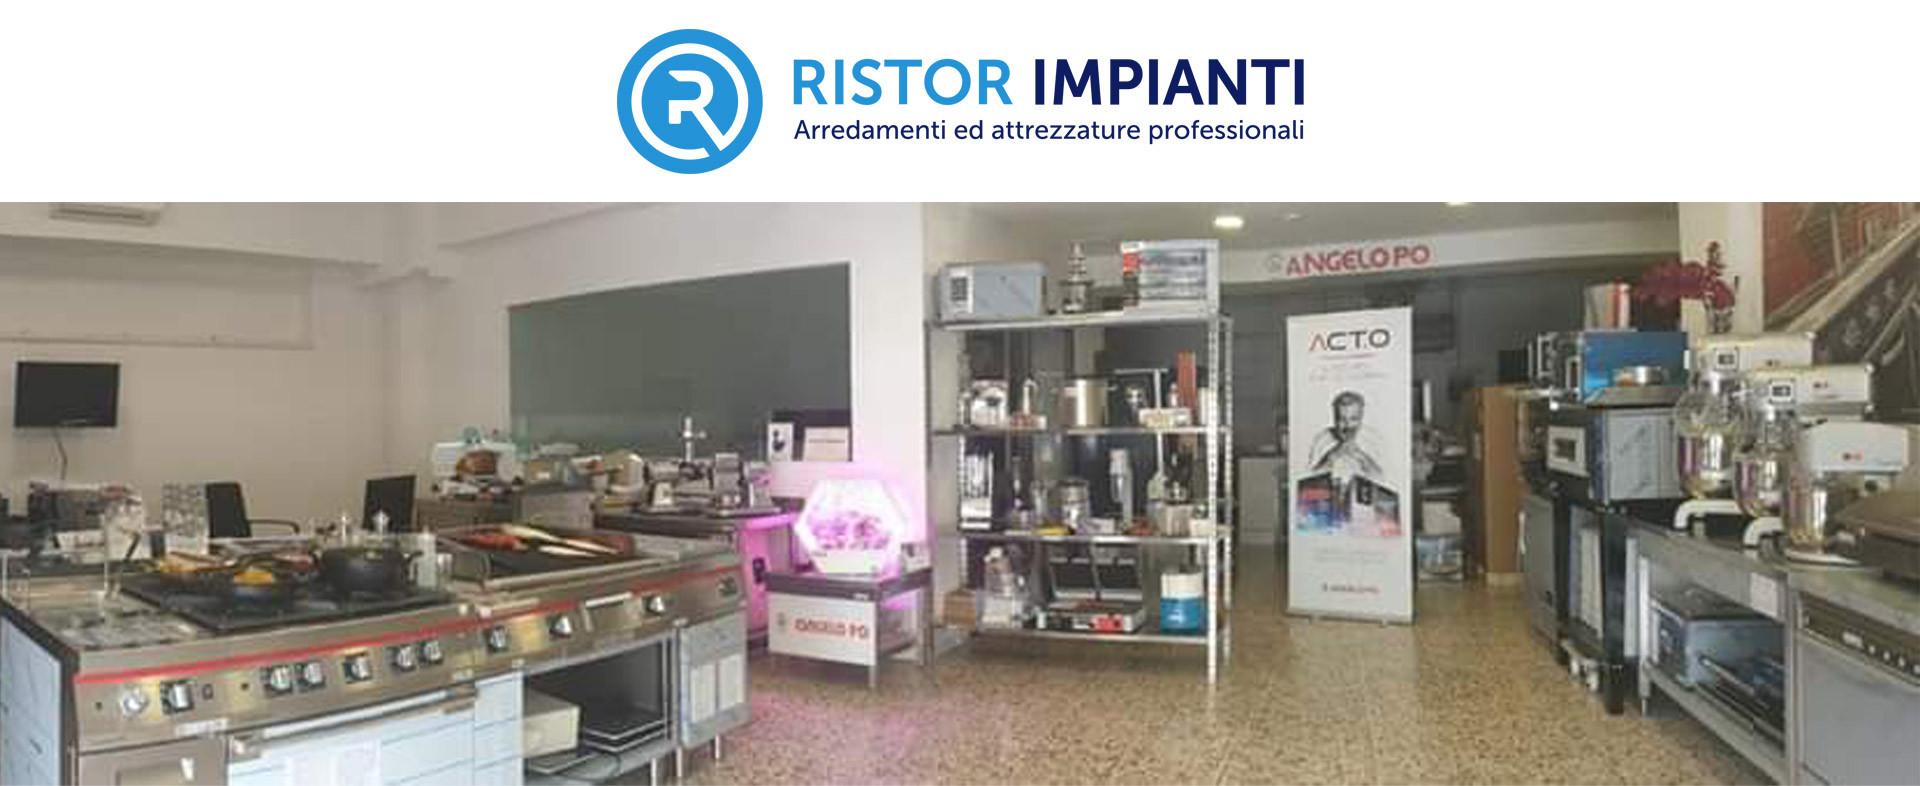 Ristor-impianti_slide_rev.jpg